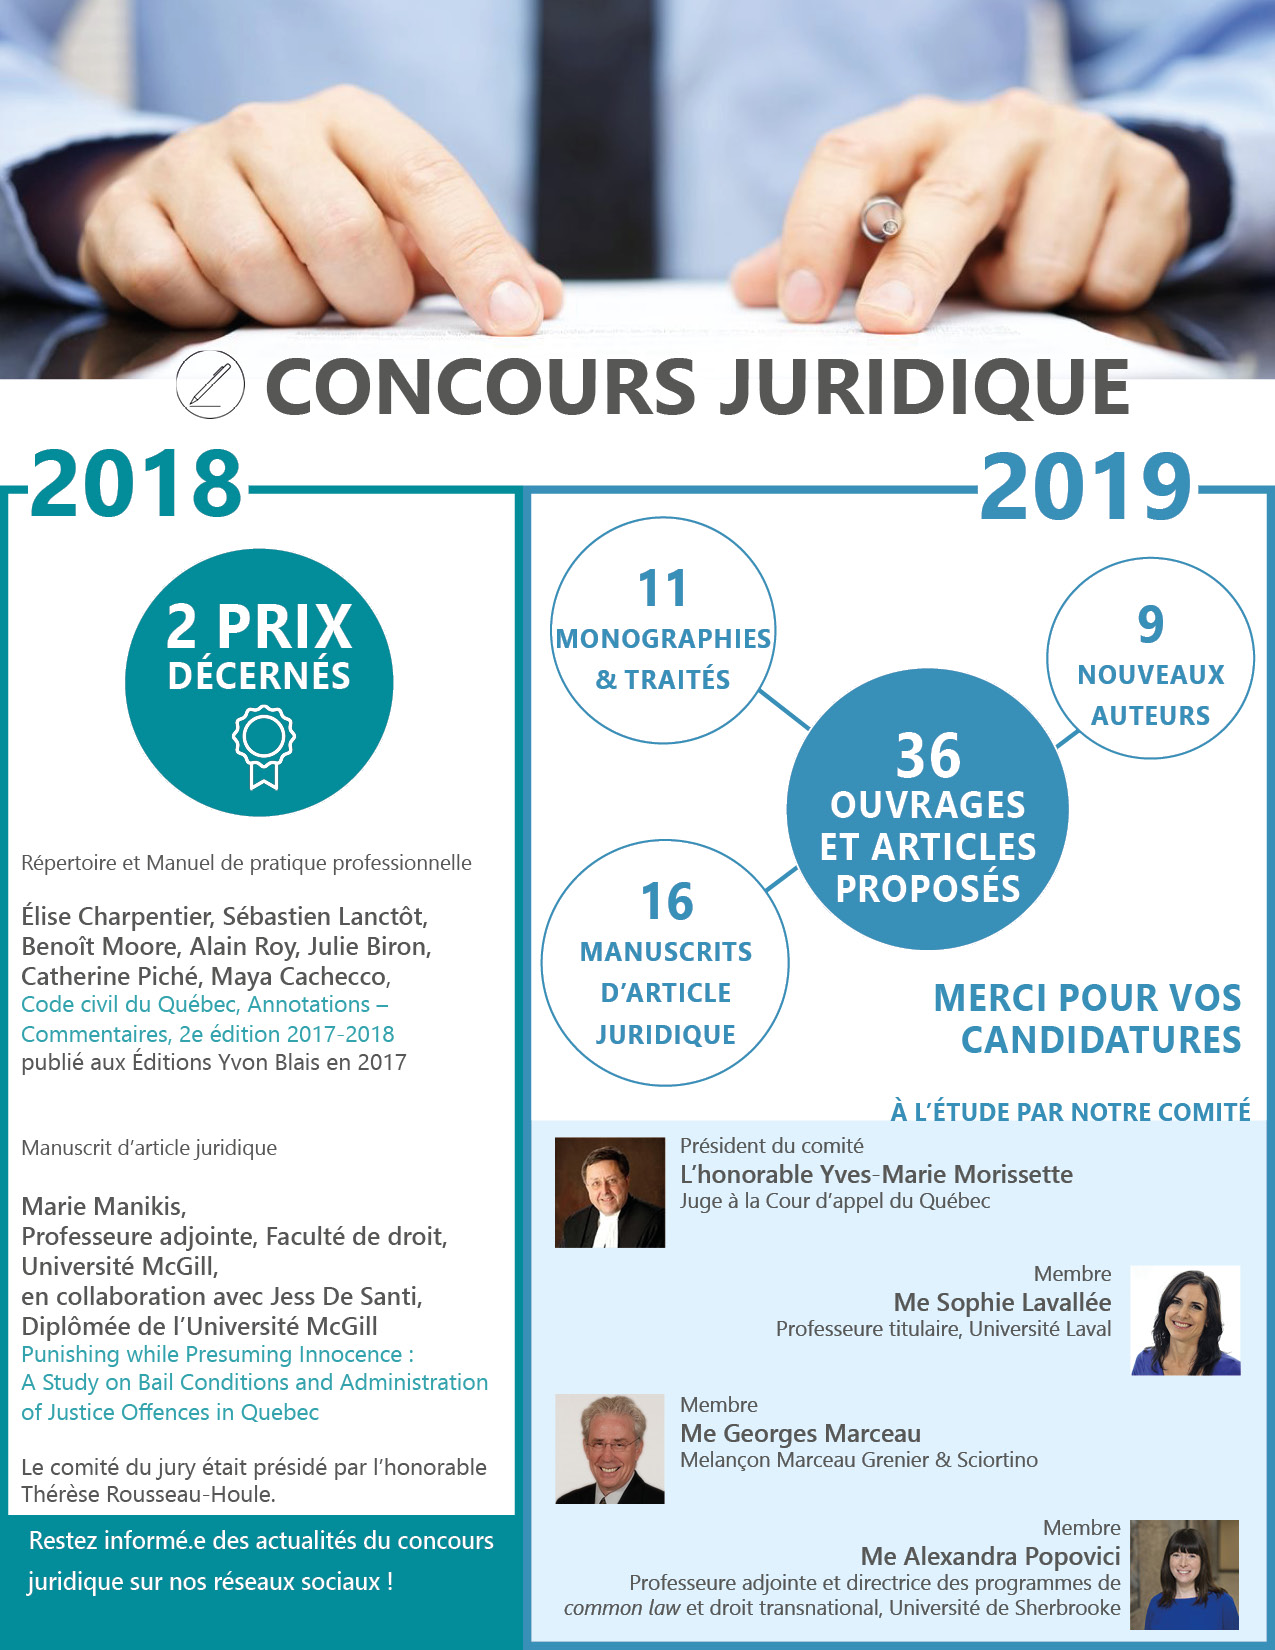 Concours juridique 2018 : Découvrez les travaux primés